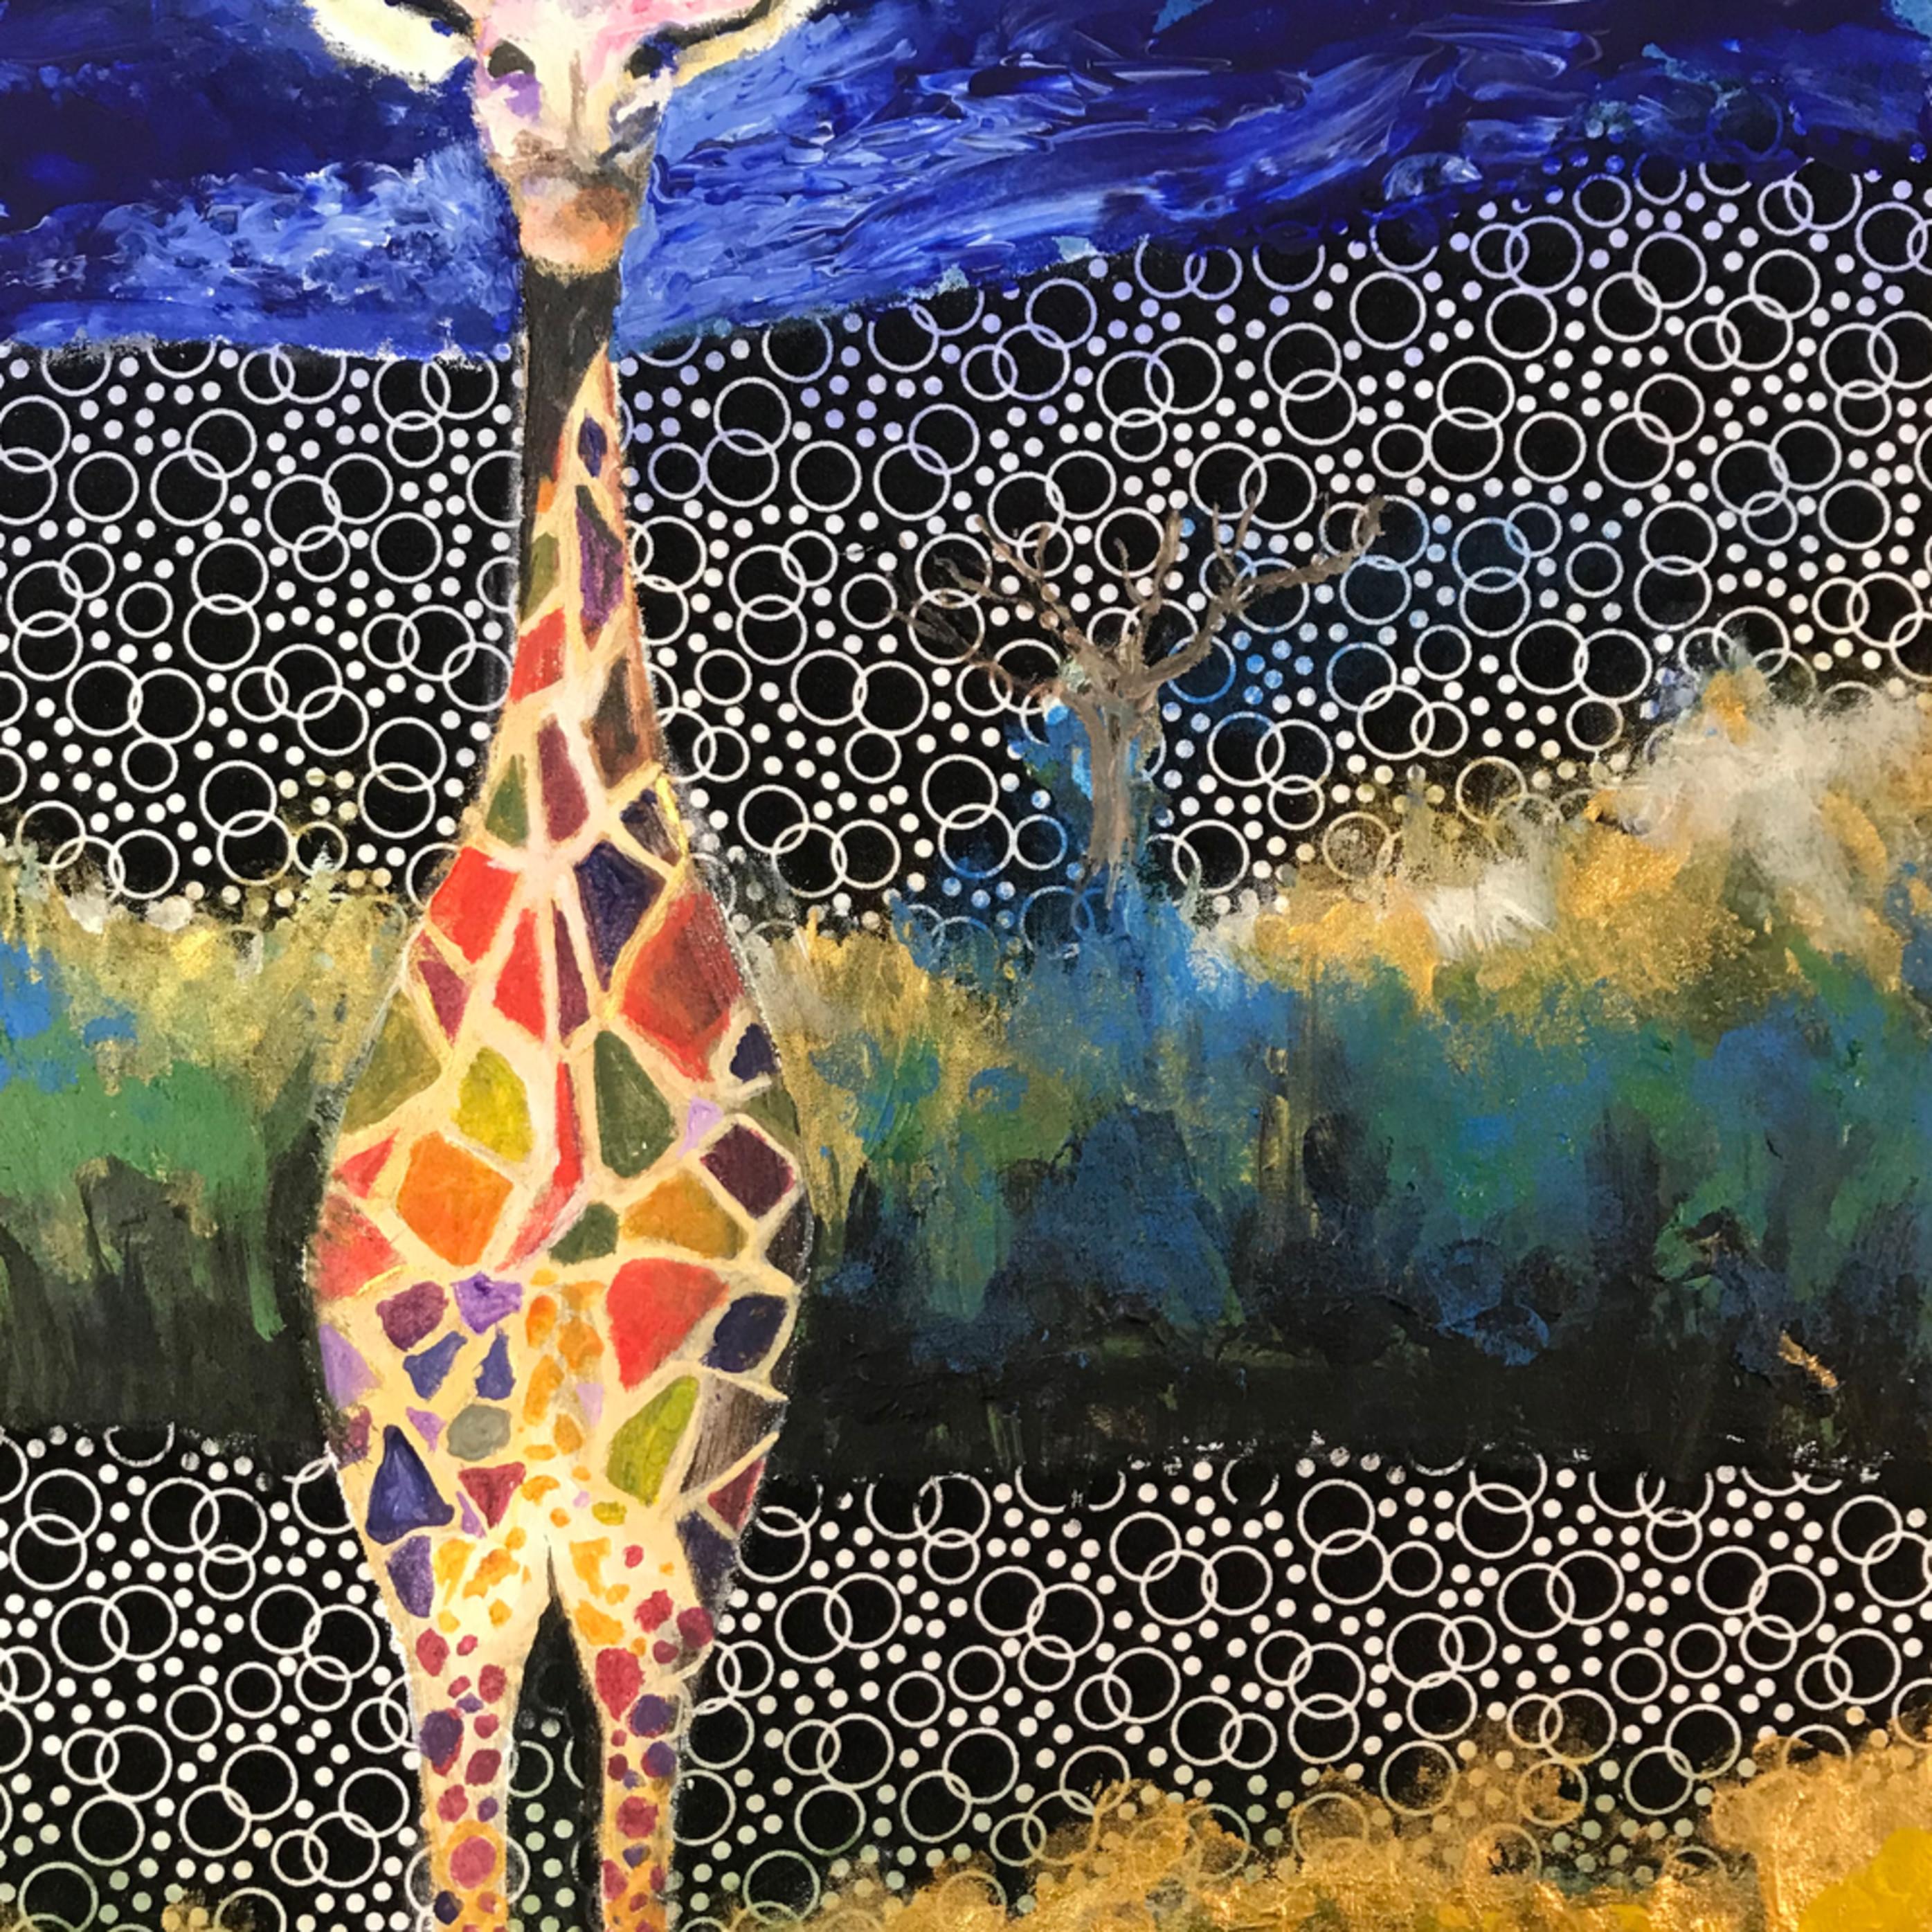 Giraffe rreu3z